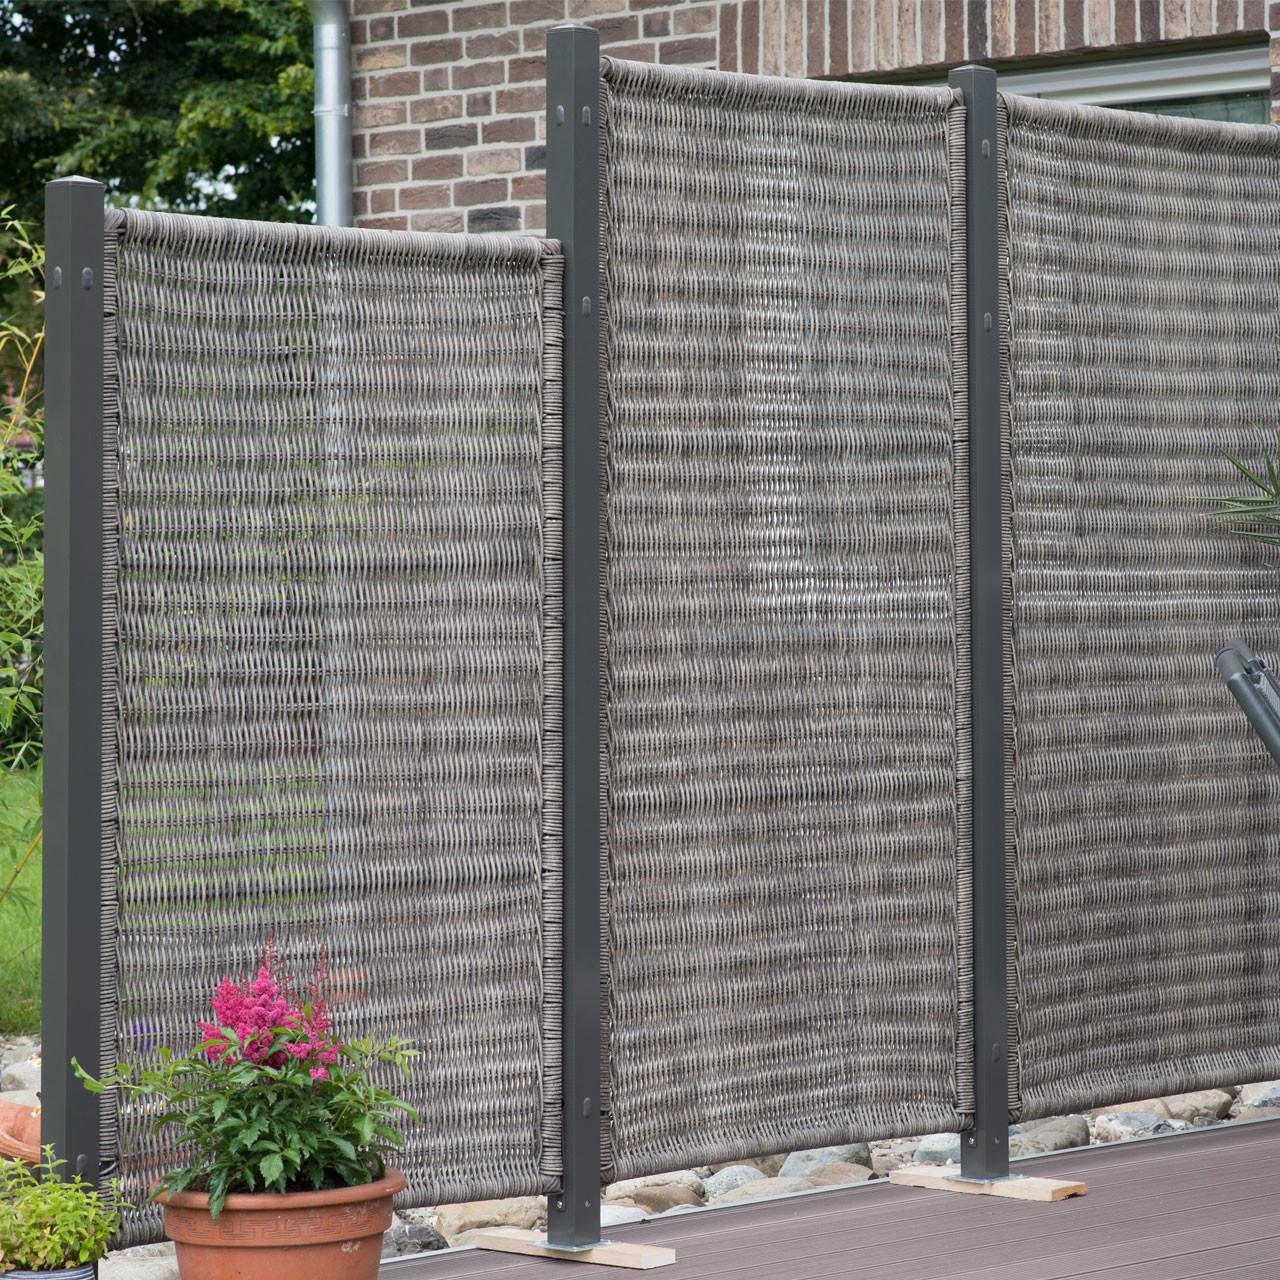 Sichtschutz Terrasse Kunststoff  Sichtschutzwand Polyrattan Geflecht Öland vertikal grau